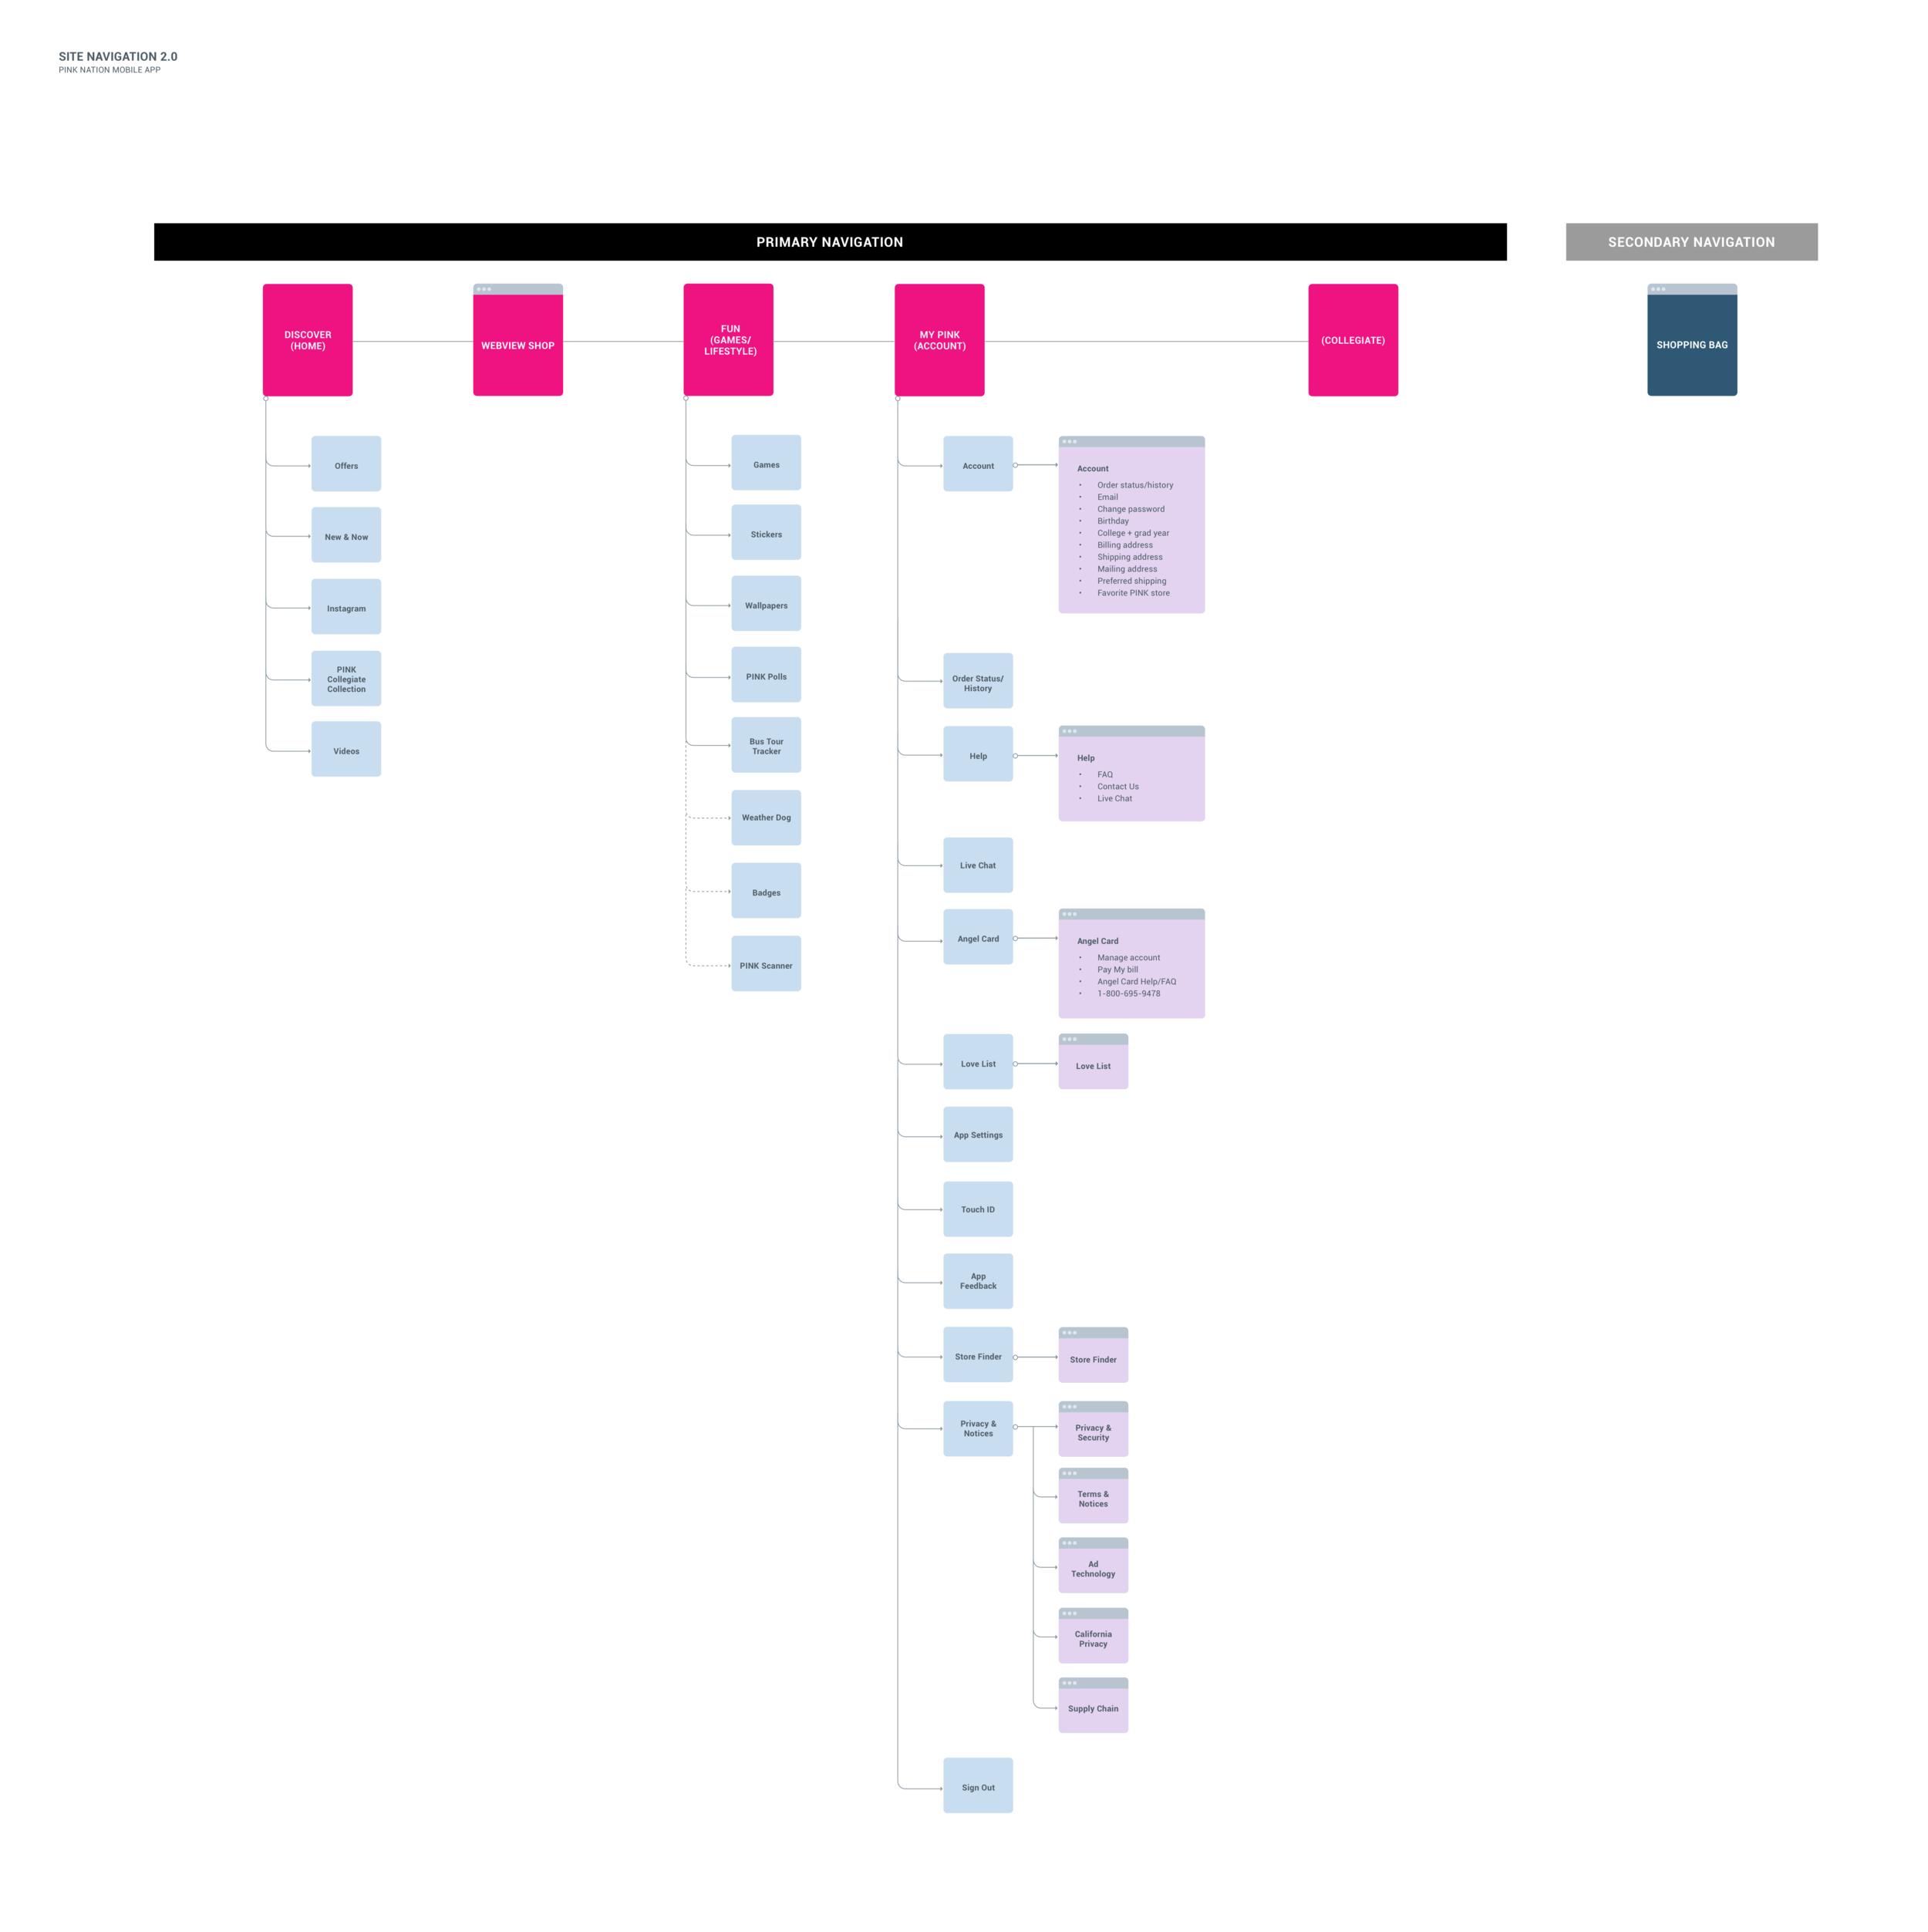 pn-redesign-navigation-sitemap.png